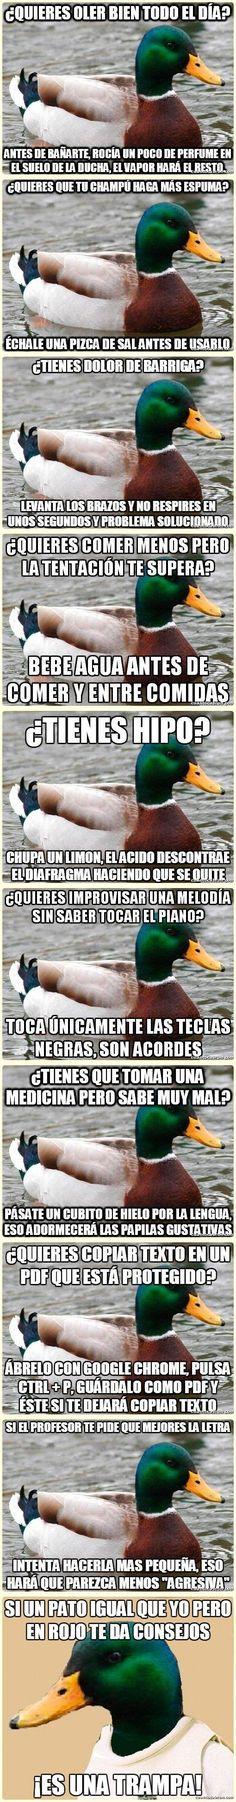 los patos siempre aconsejando